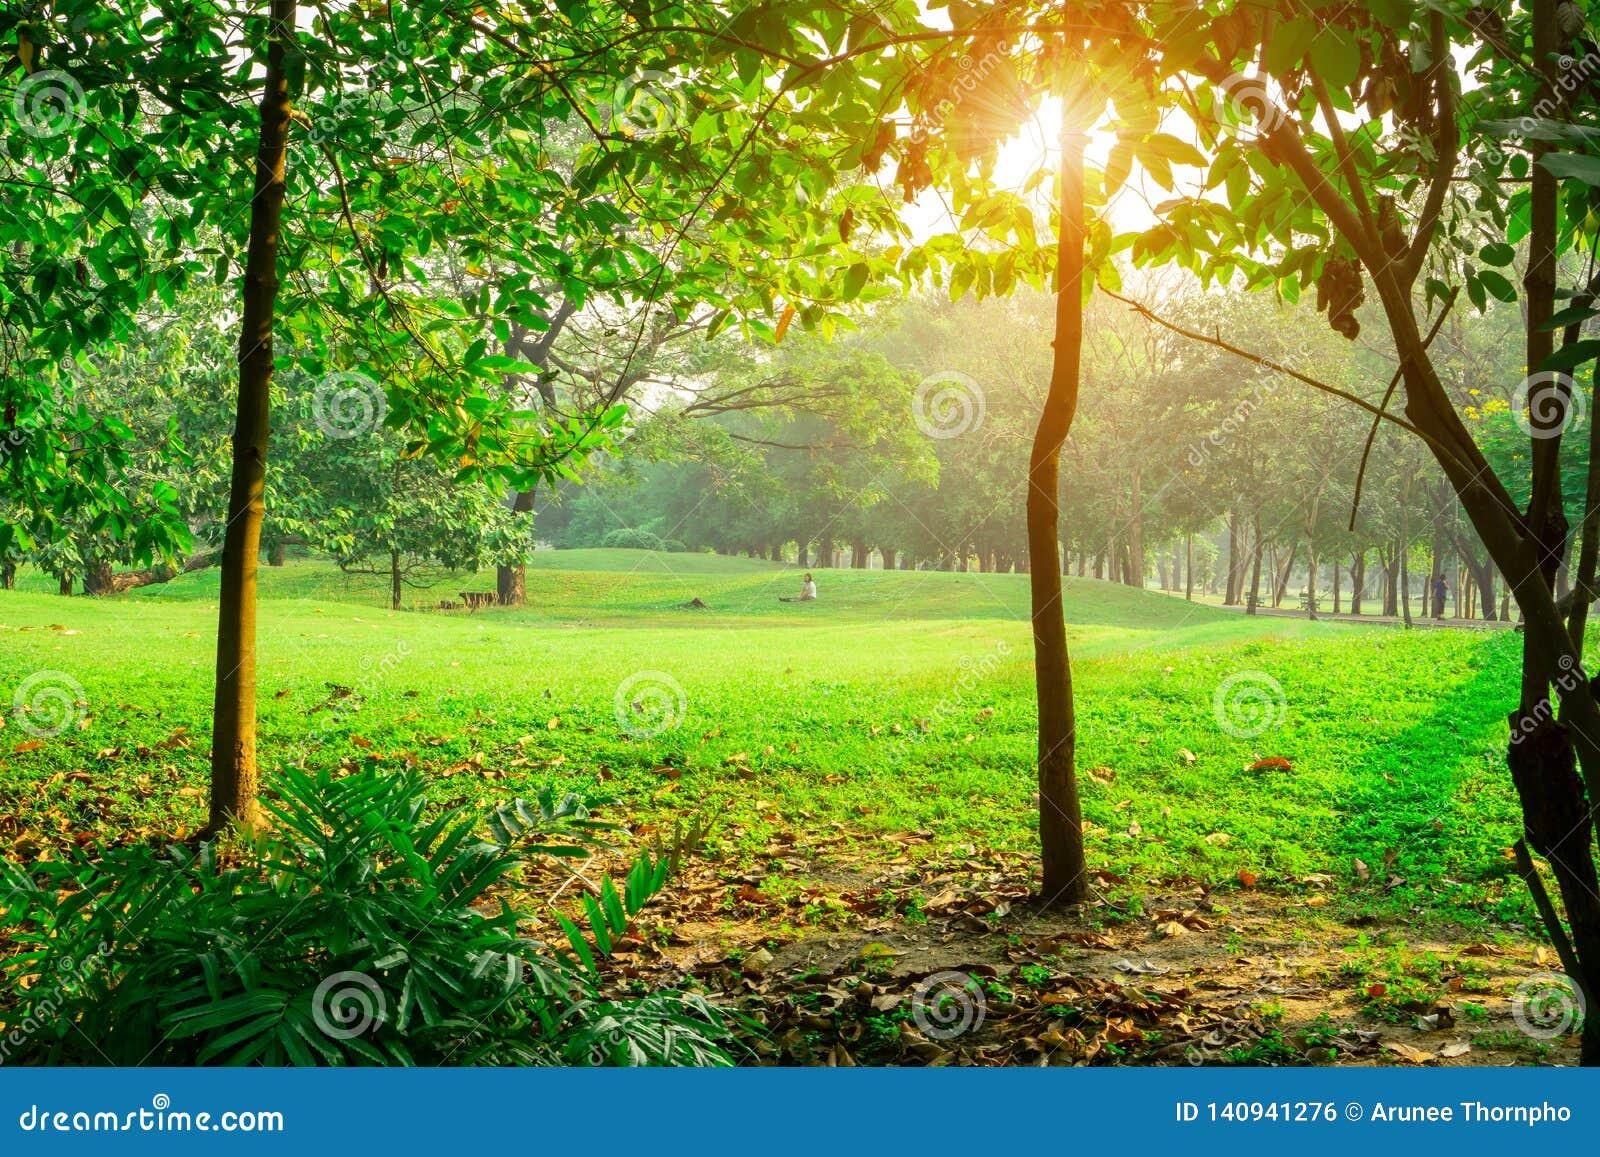 Yard de pelouse d herbe verte au milieu des arbres sous le matin de lumière du soleil, bois en parc public